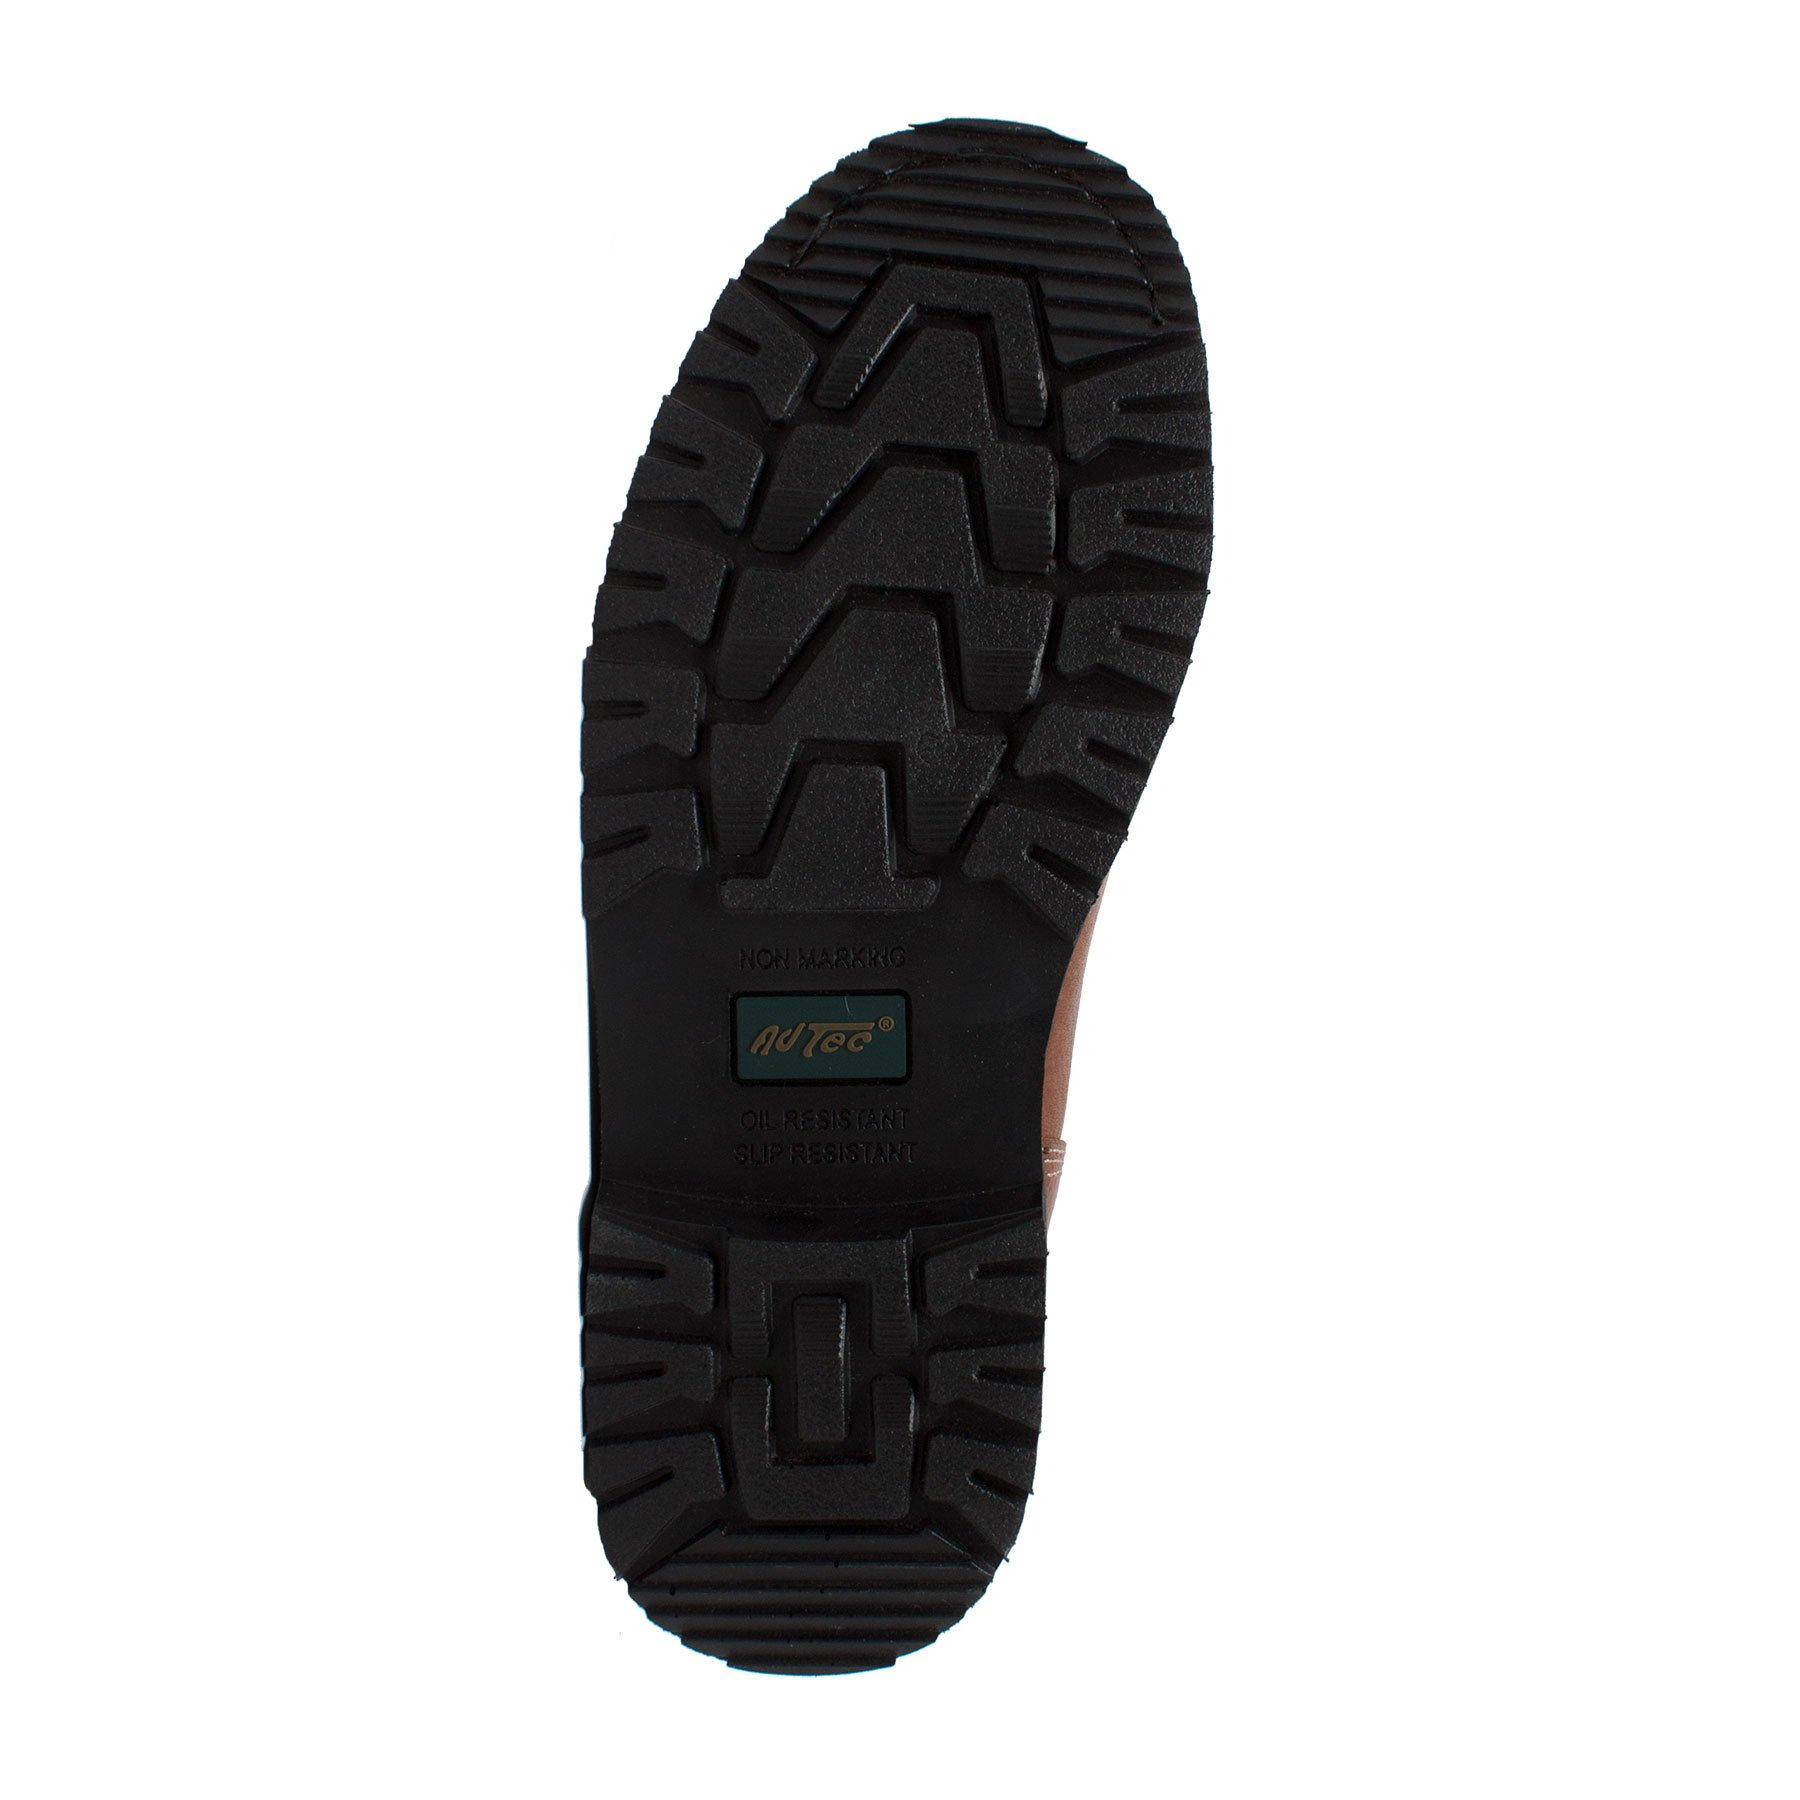 Adtec Men's 6 inch Comfort Work Boot, Light Brown, 8.5 W US by Adtec (Image #4)